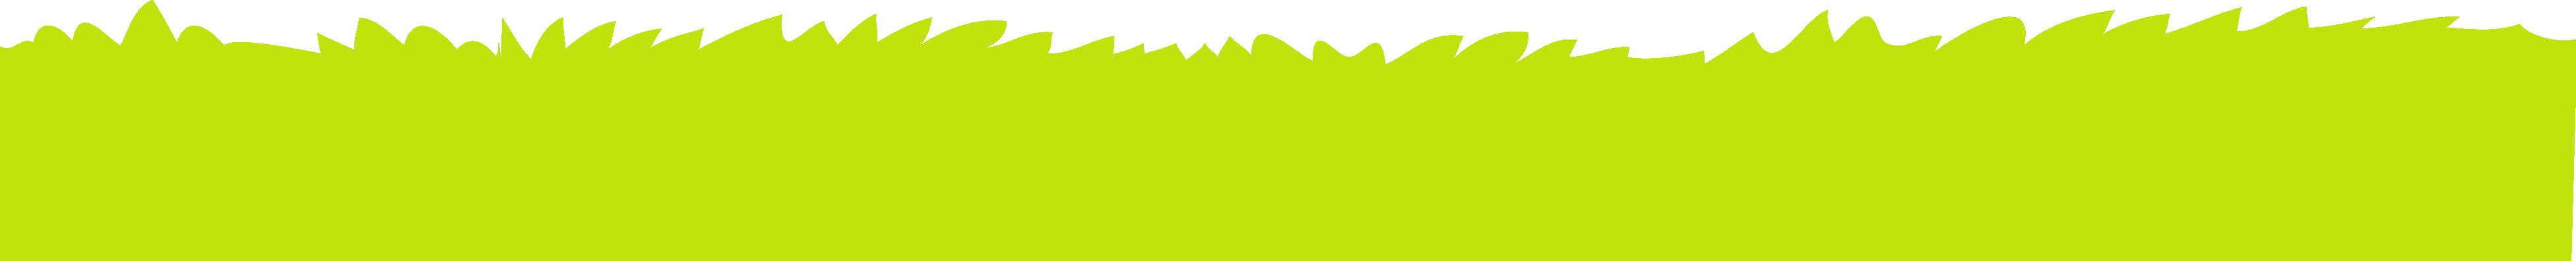 C:\Users\User\Desktop\окружающий мир\презентации\26 народные праздники\трава.png